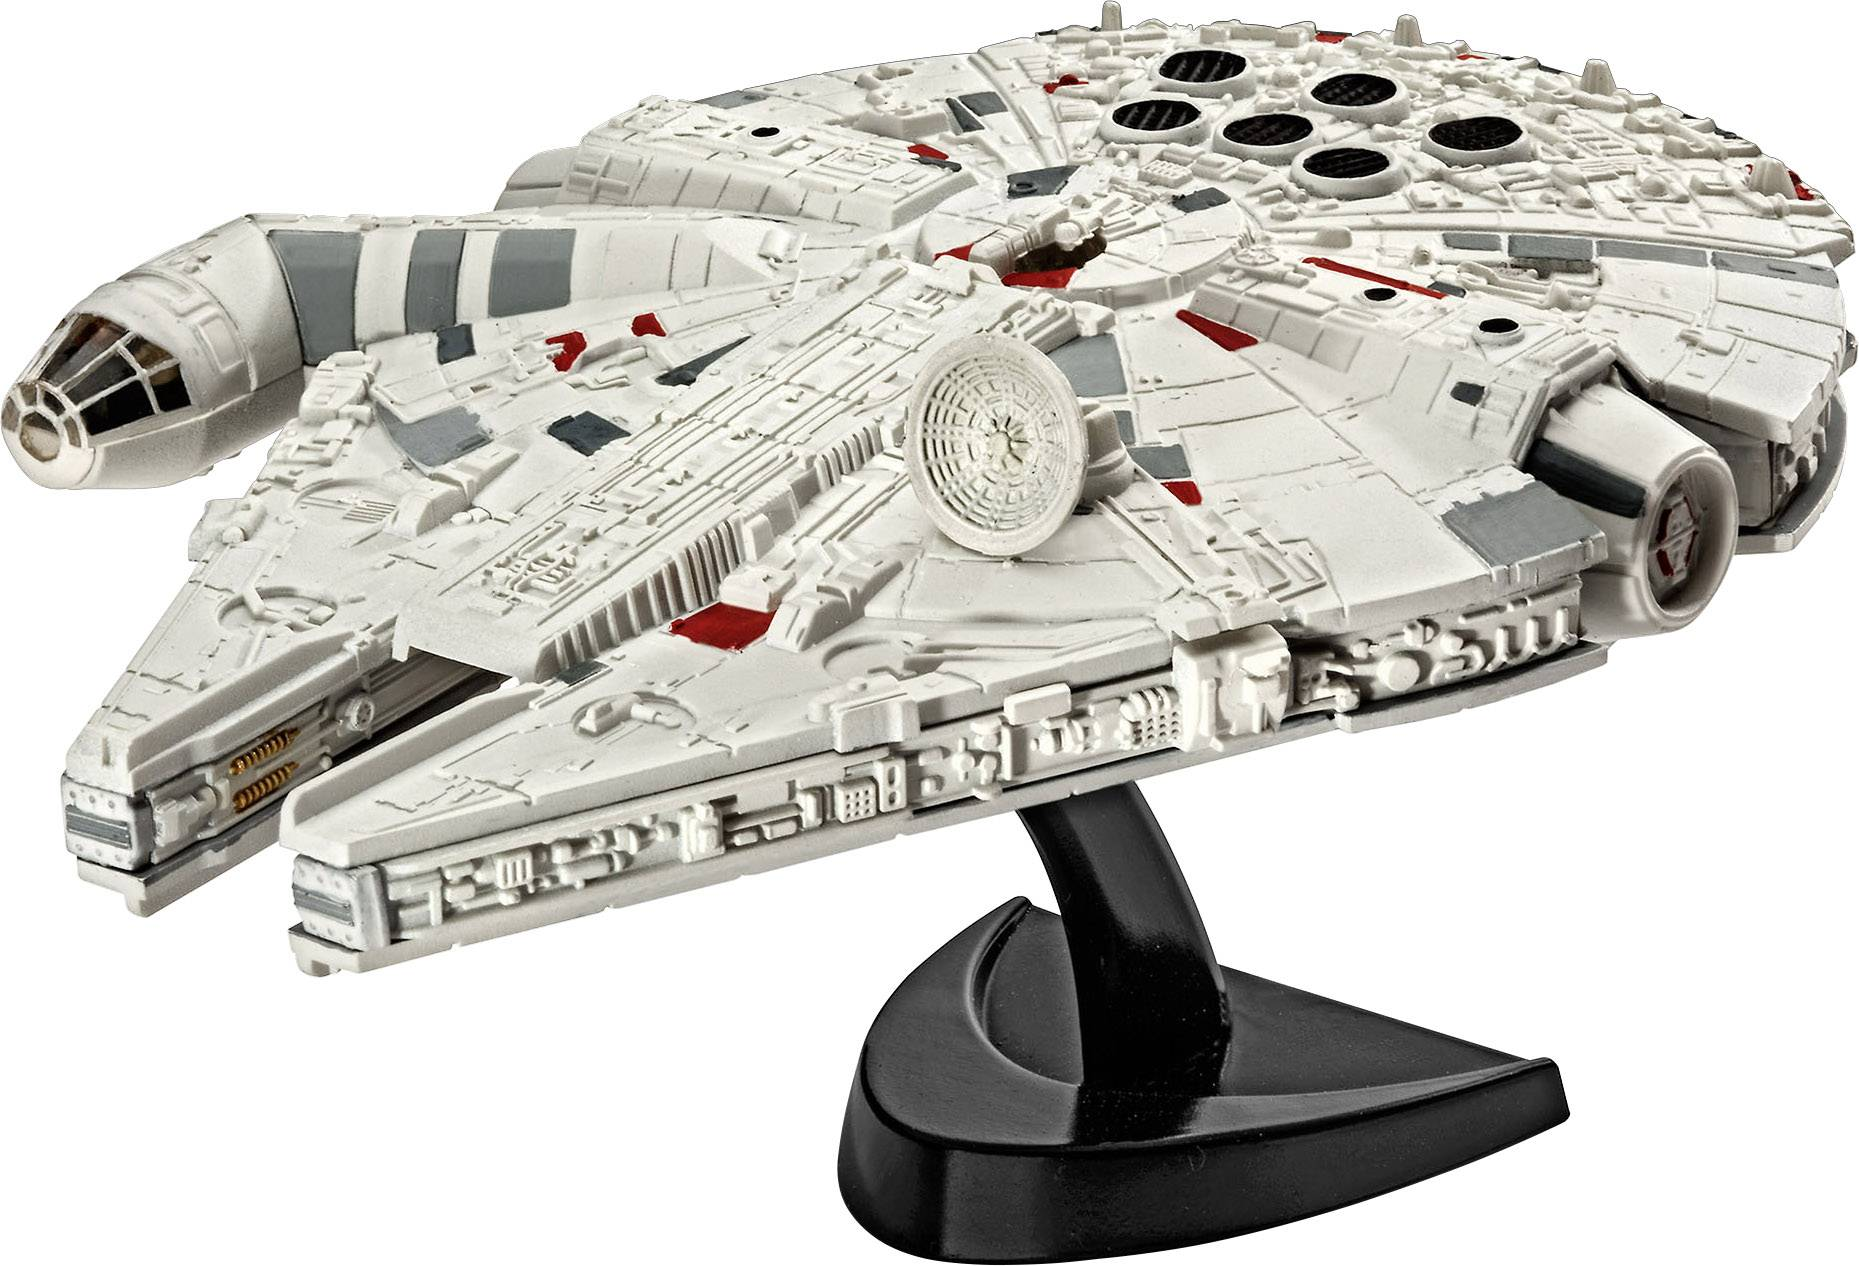 Sci-fi model, stavebnice Revell 03600 Star Wars Millenium Falcon